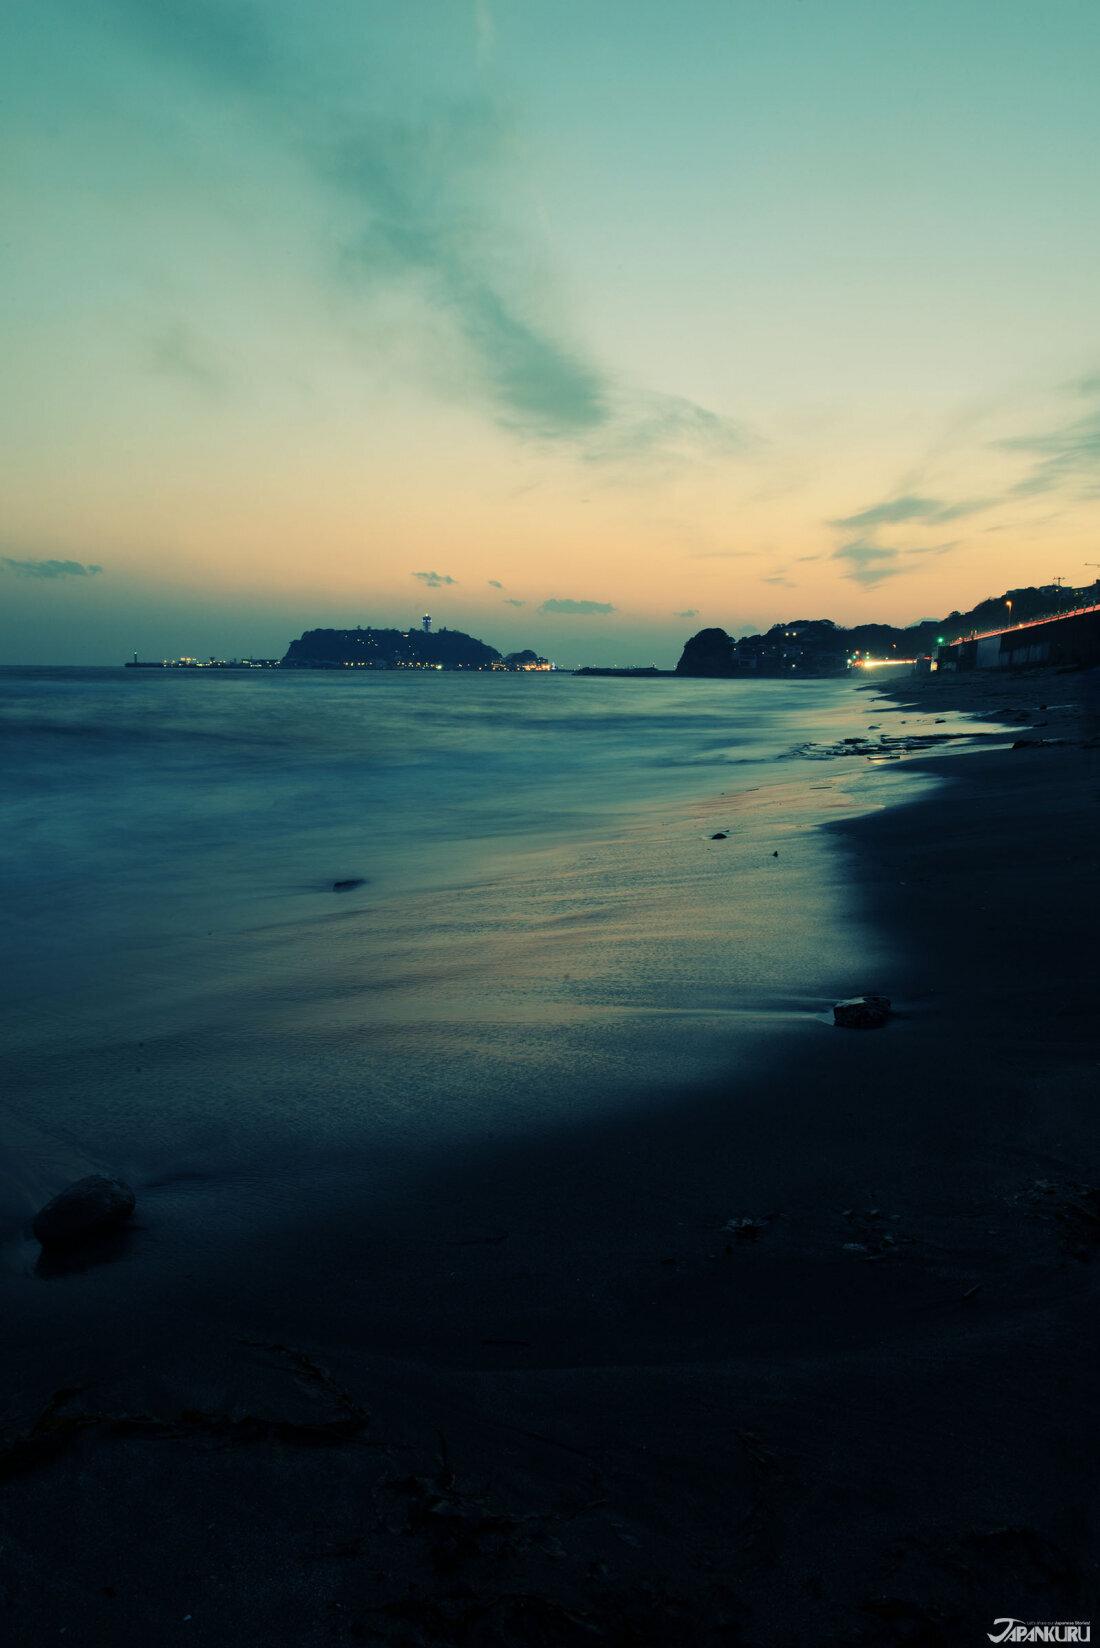 七里之濱海岸遠眺江之島與富士山,日落時天空顏色的光線變換,營造出全然不同於白日時的別樣氛圍。